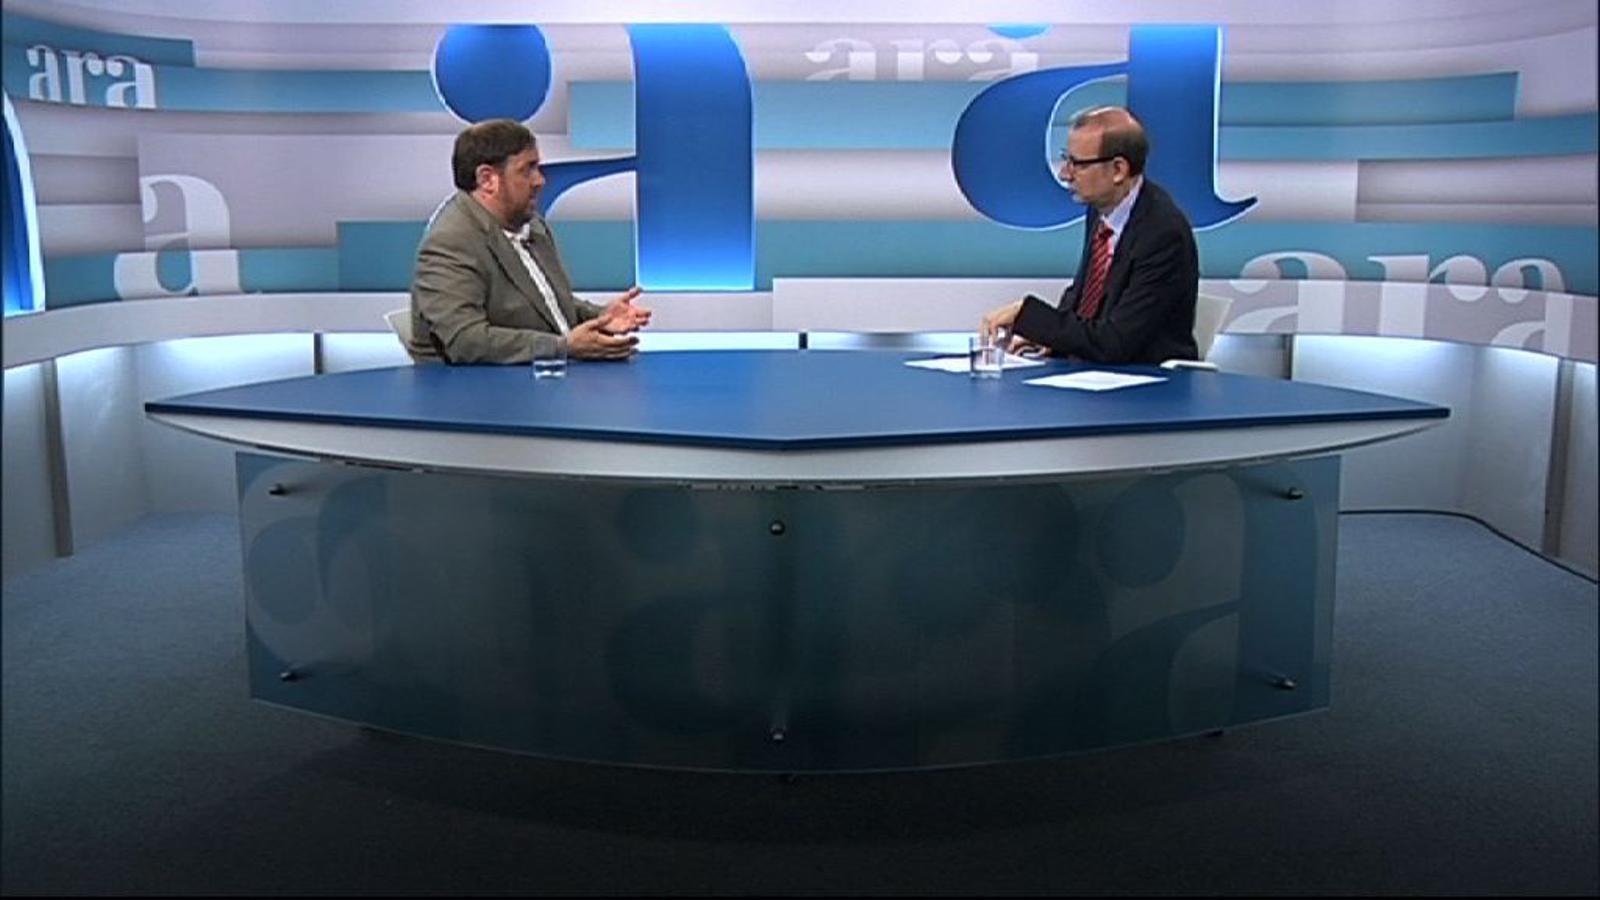 Oriol Junqueras: No som aquí per forçar unes eleccions anticipades